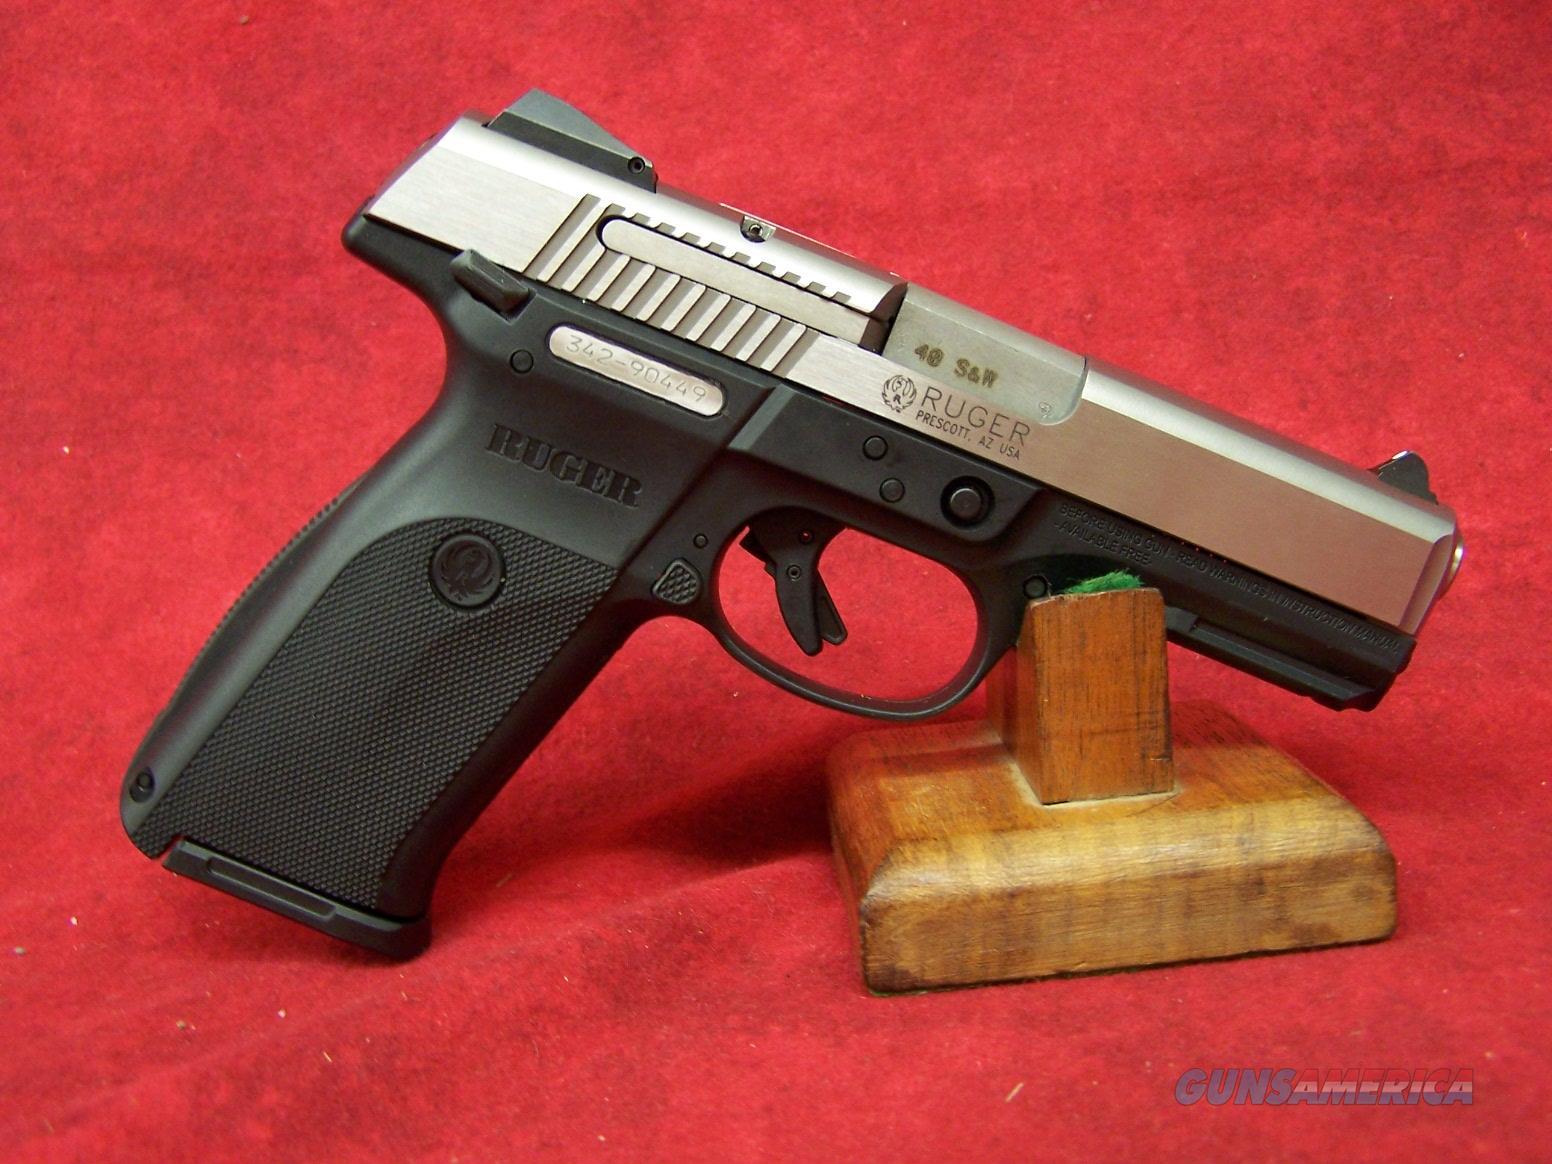 """Ruger SR40 .40 S&W 4.14"""" Barrel Brushed Stainless Steel Slide Black Frame (03470)  Guns > Pistols > Ruger Semi-Auto Pistols > SR Family > SR40"""